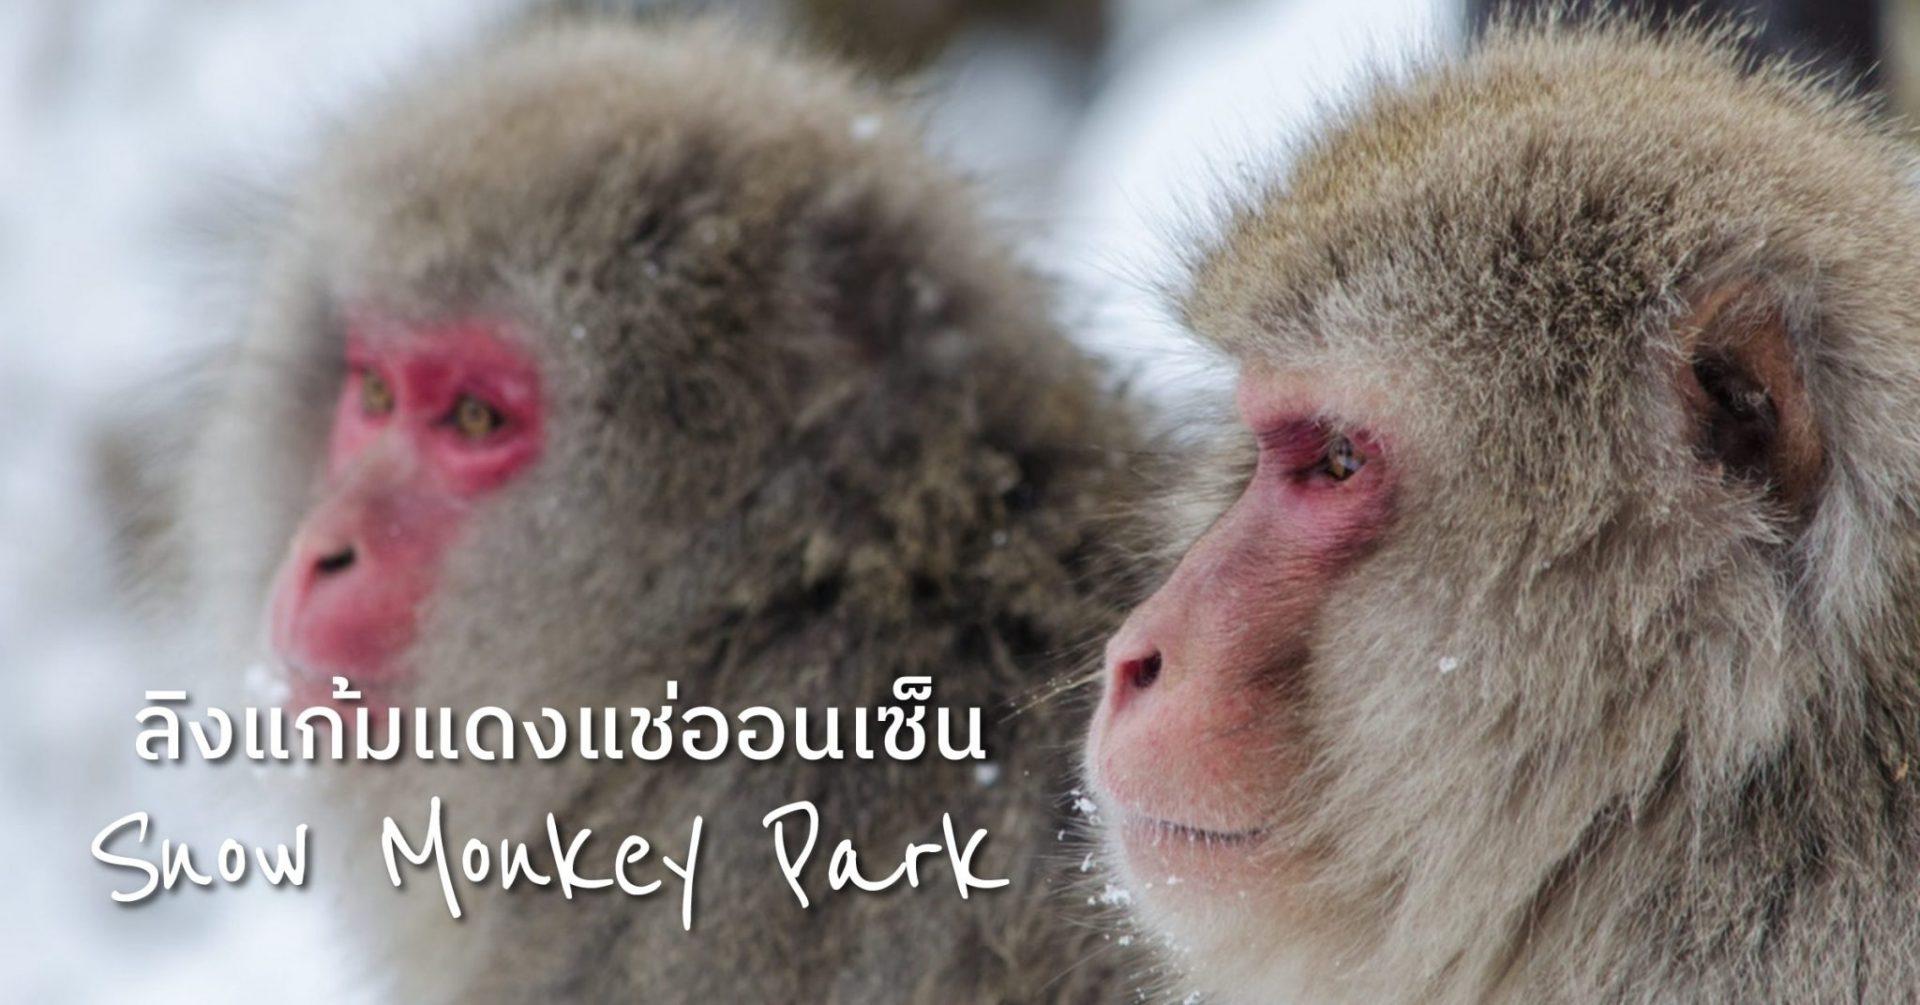 ดูลิงแก้มแดงขนฟู ตัวกลมน่ารักแช่ออนเซ็น – สวนลิงจิโกะคุดานิ